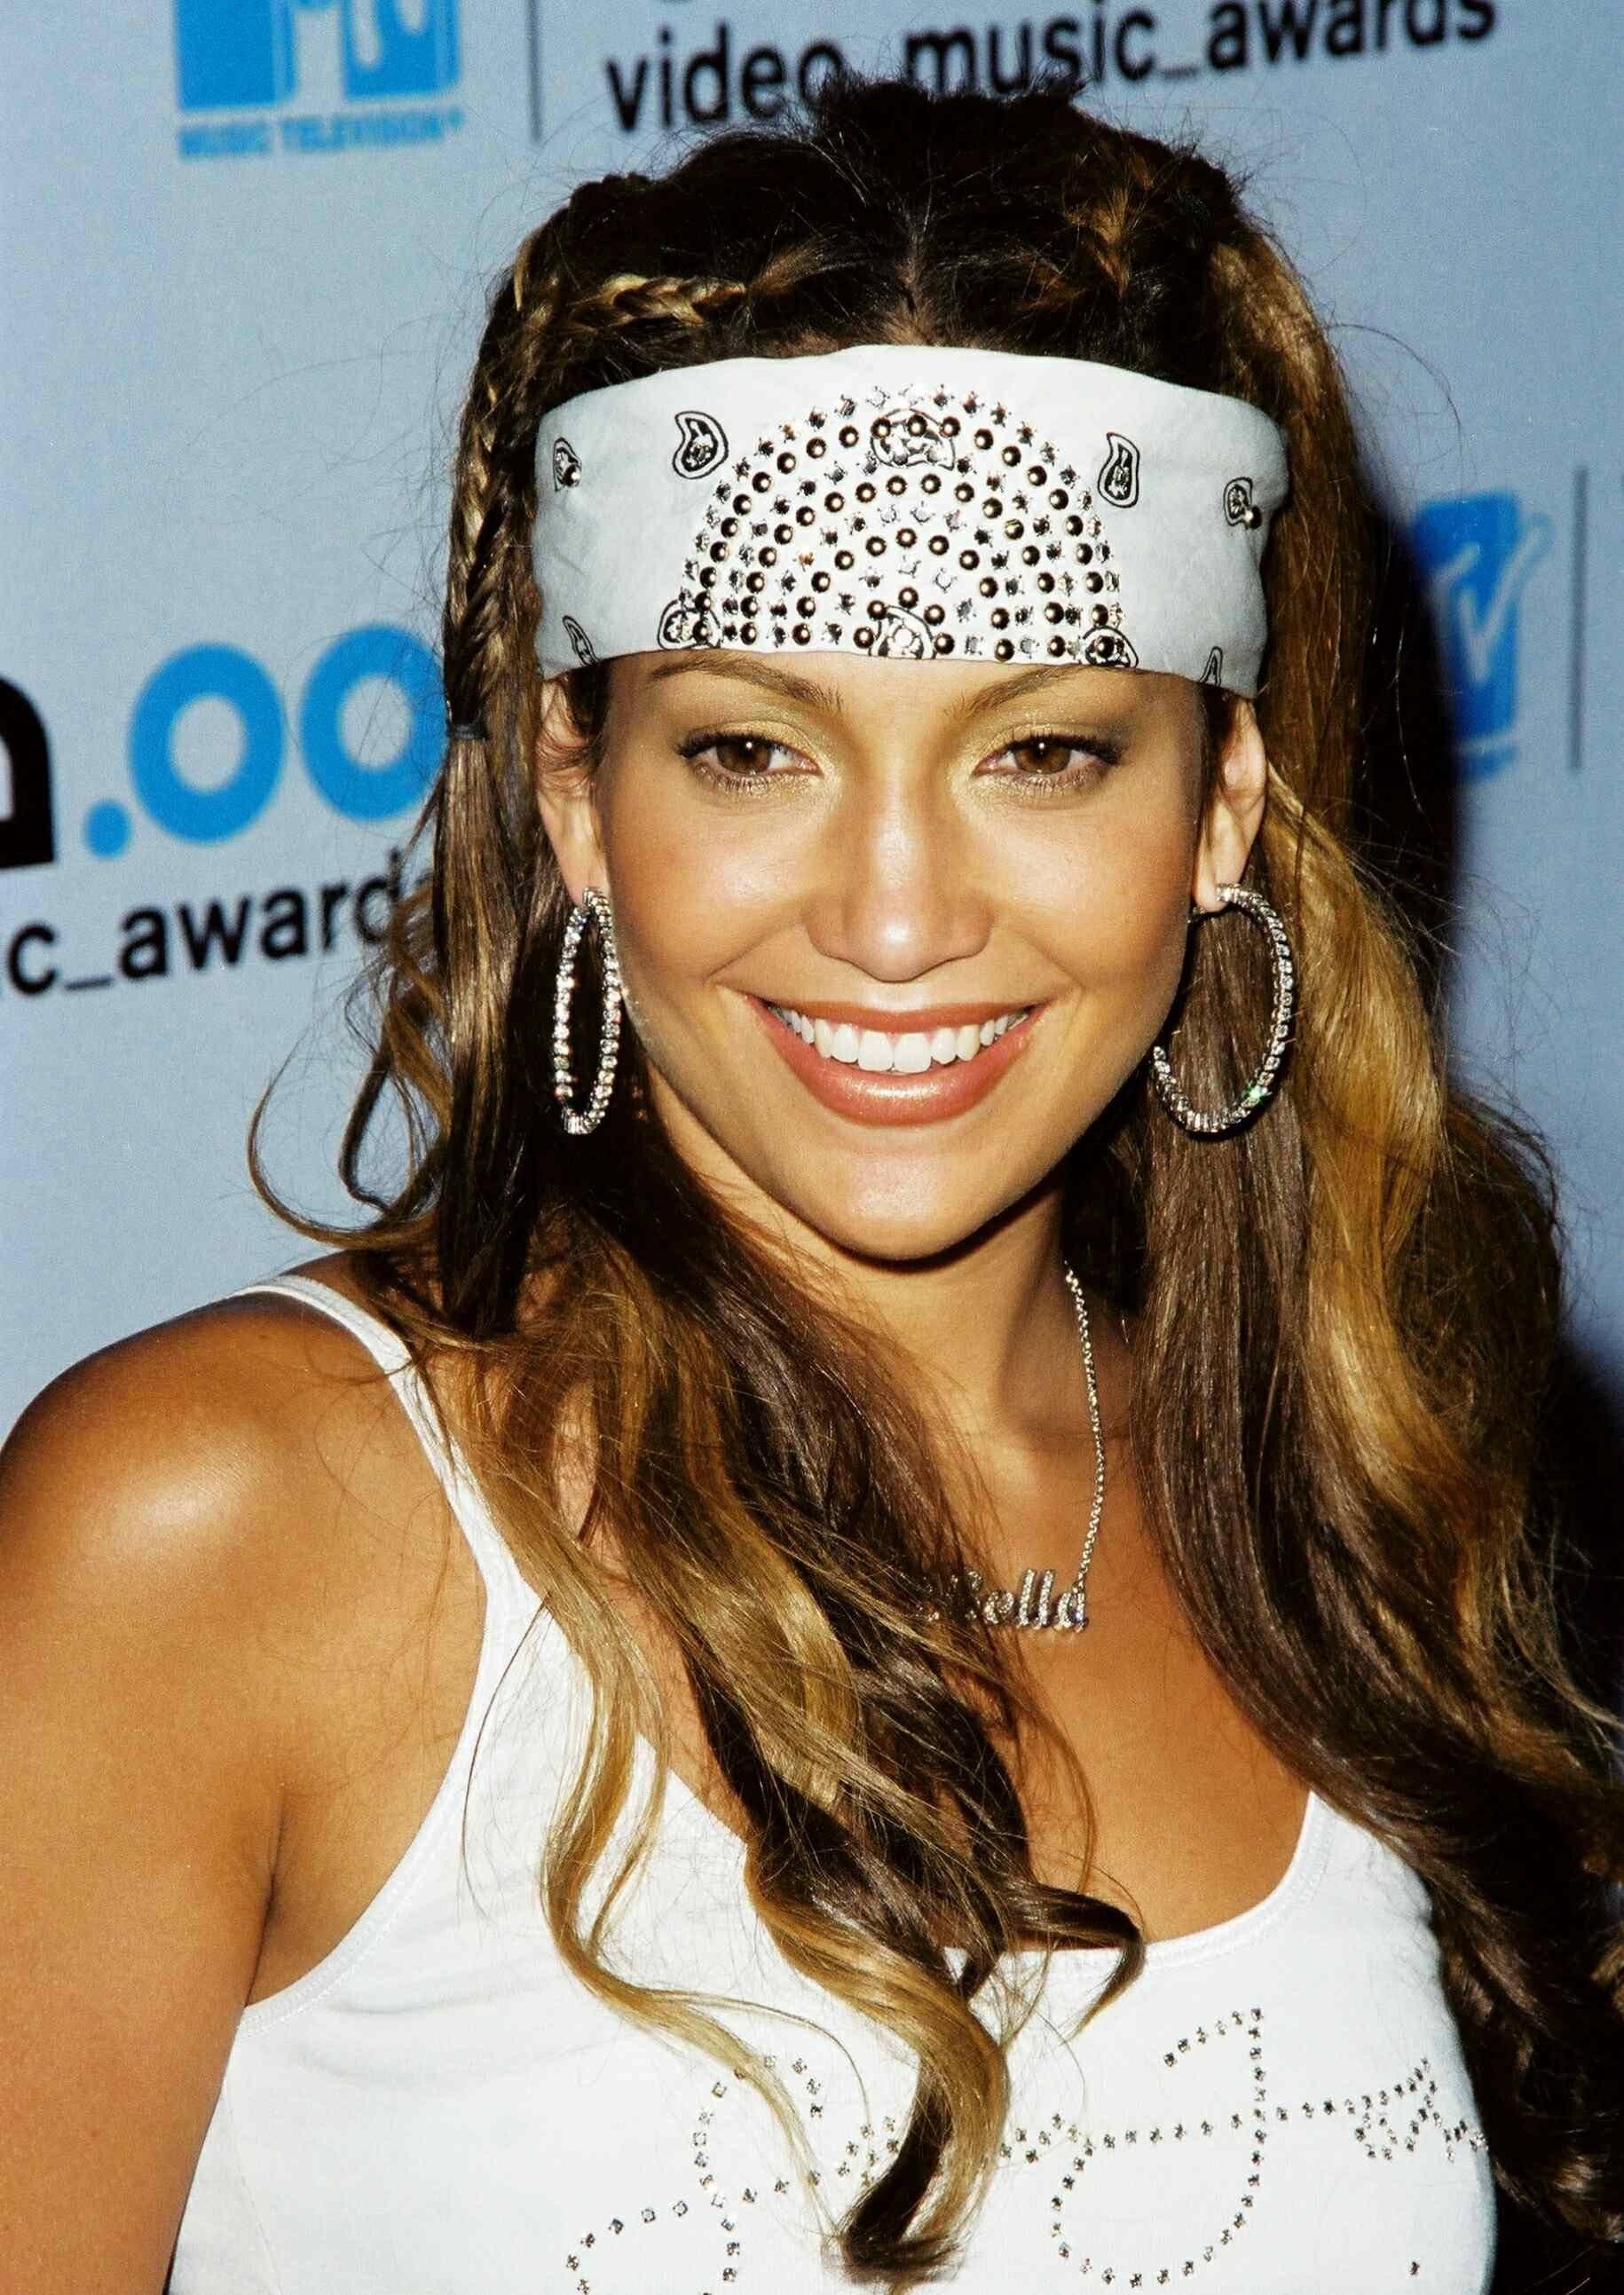 Jennifer Lopez avec une coiffure de bandana en joaillerie au début des années 2000